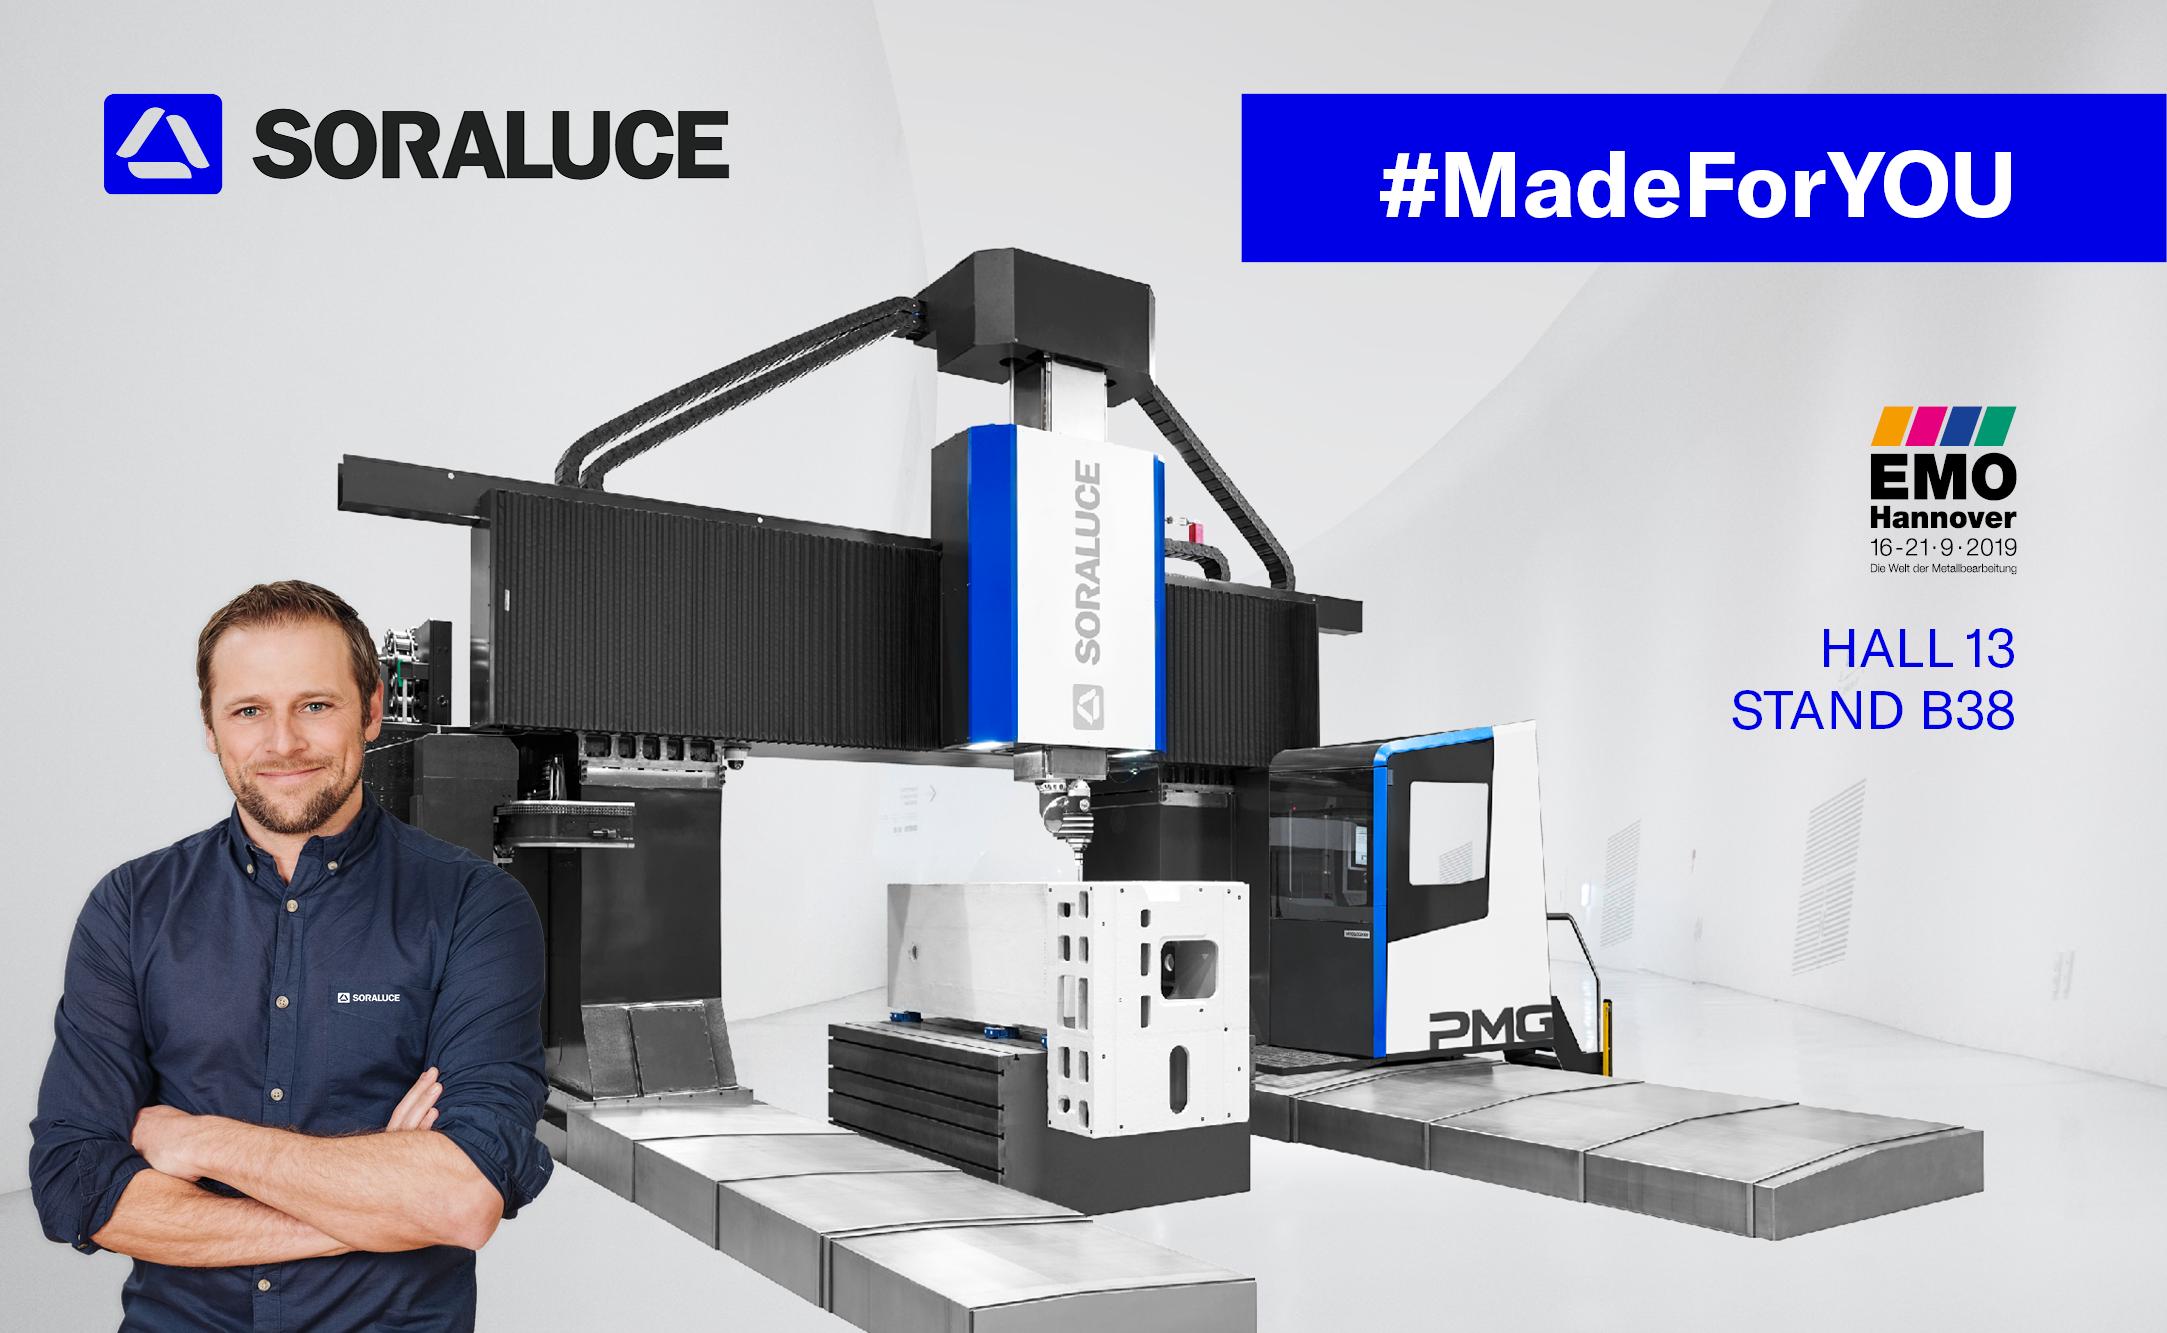 #MadeForYOU - #СоздаёмДляВАС -Каждый день Soraluce повышает эффективность бизнеса своих заказчиков